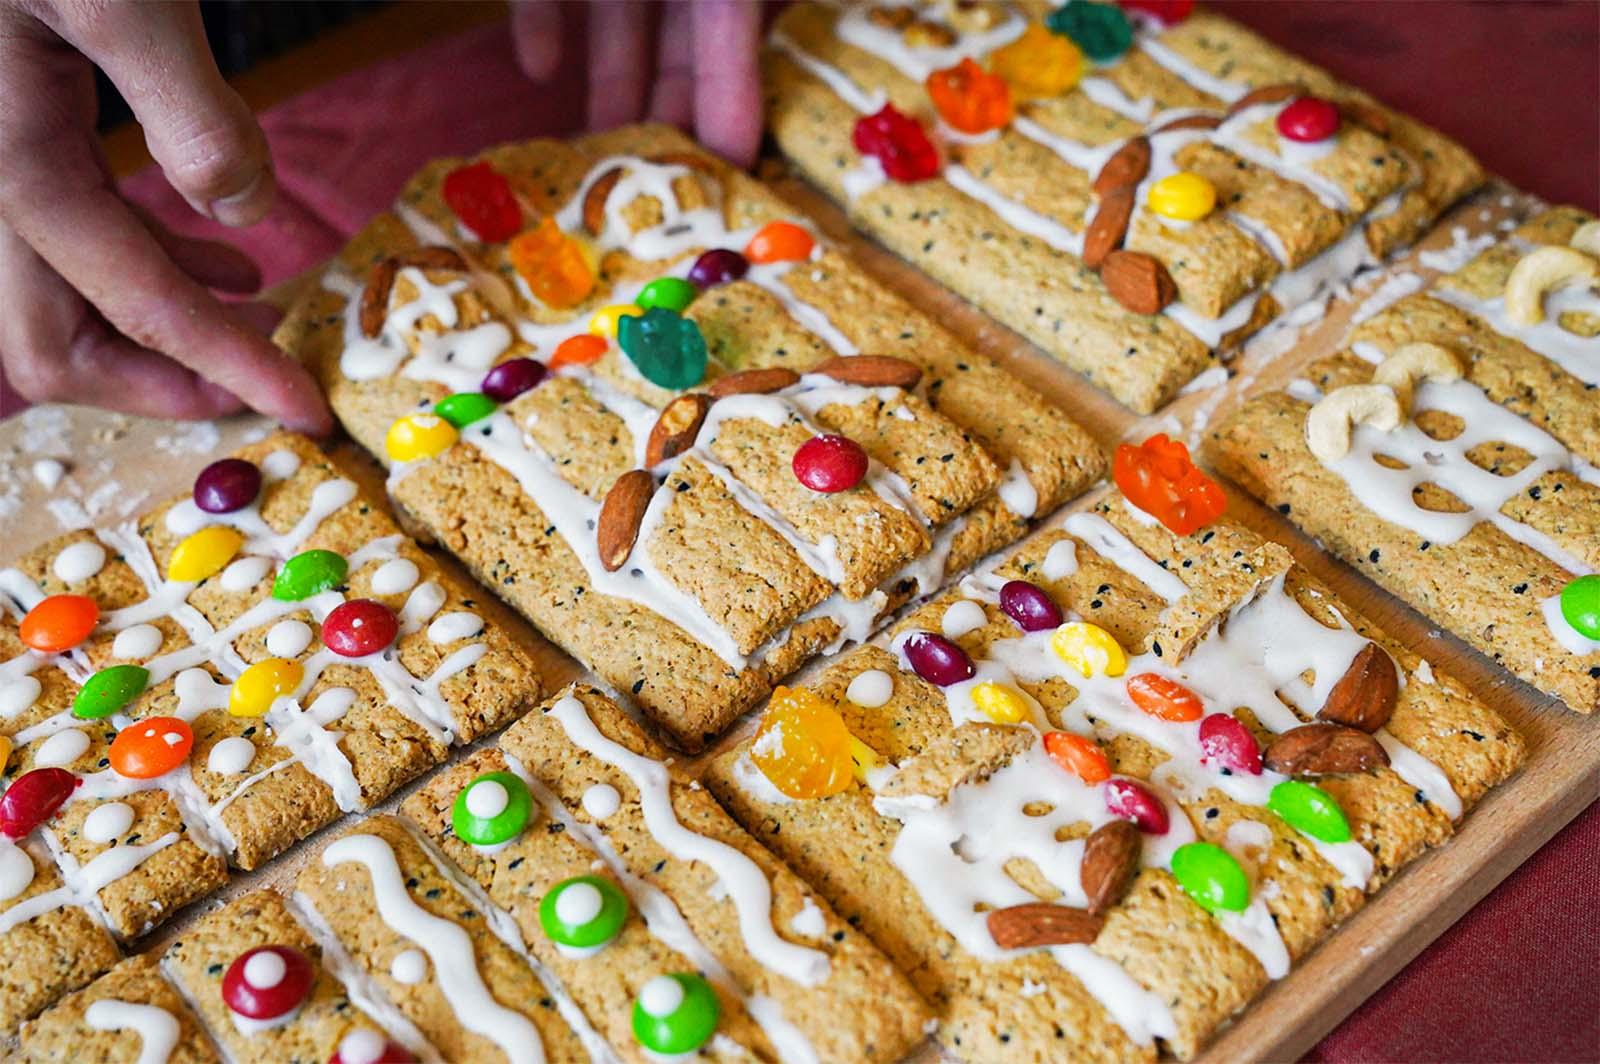 充滿溫馨氛圍的聖誕節薑餅屋DIY來囉!大家是不是都準備好禮物了呢?現在除了禮物之外,聖誕派對不可以缺少的一環就是一起建立美好幸福的回憶,現在禾乃川要帶著大家用大人小孩都喜愛的「香香豆纖營養餅」來製作薑餅屋,現在捲起袖子一起動手做做看吧!  | 改變生命的豆漿店